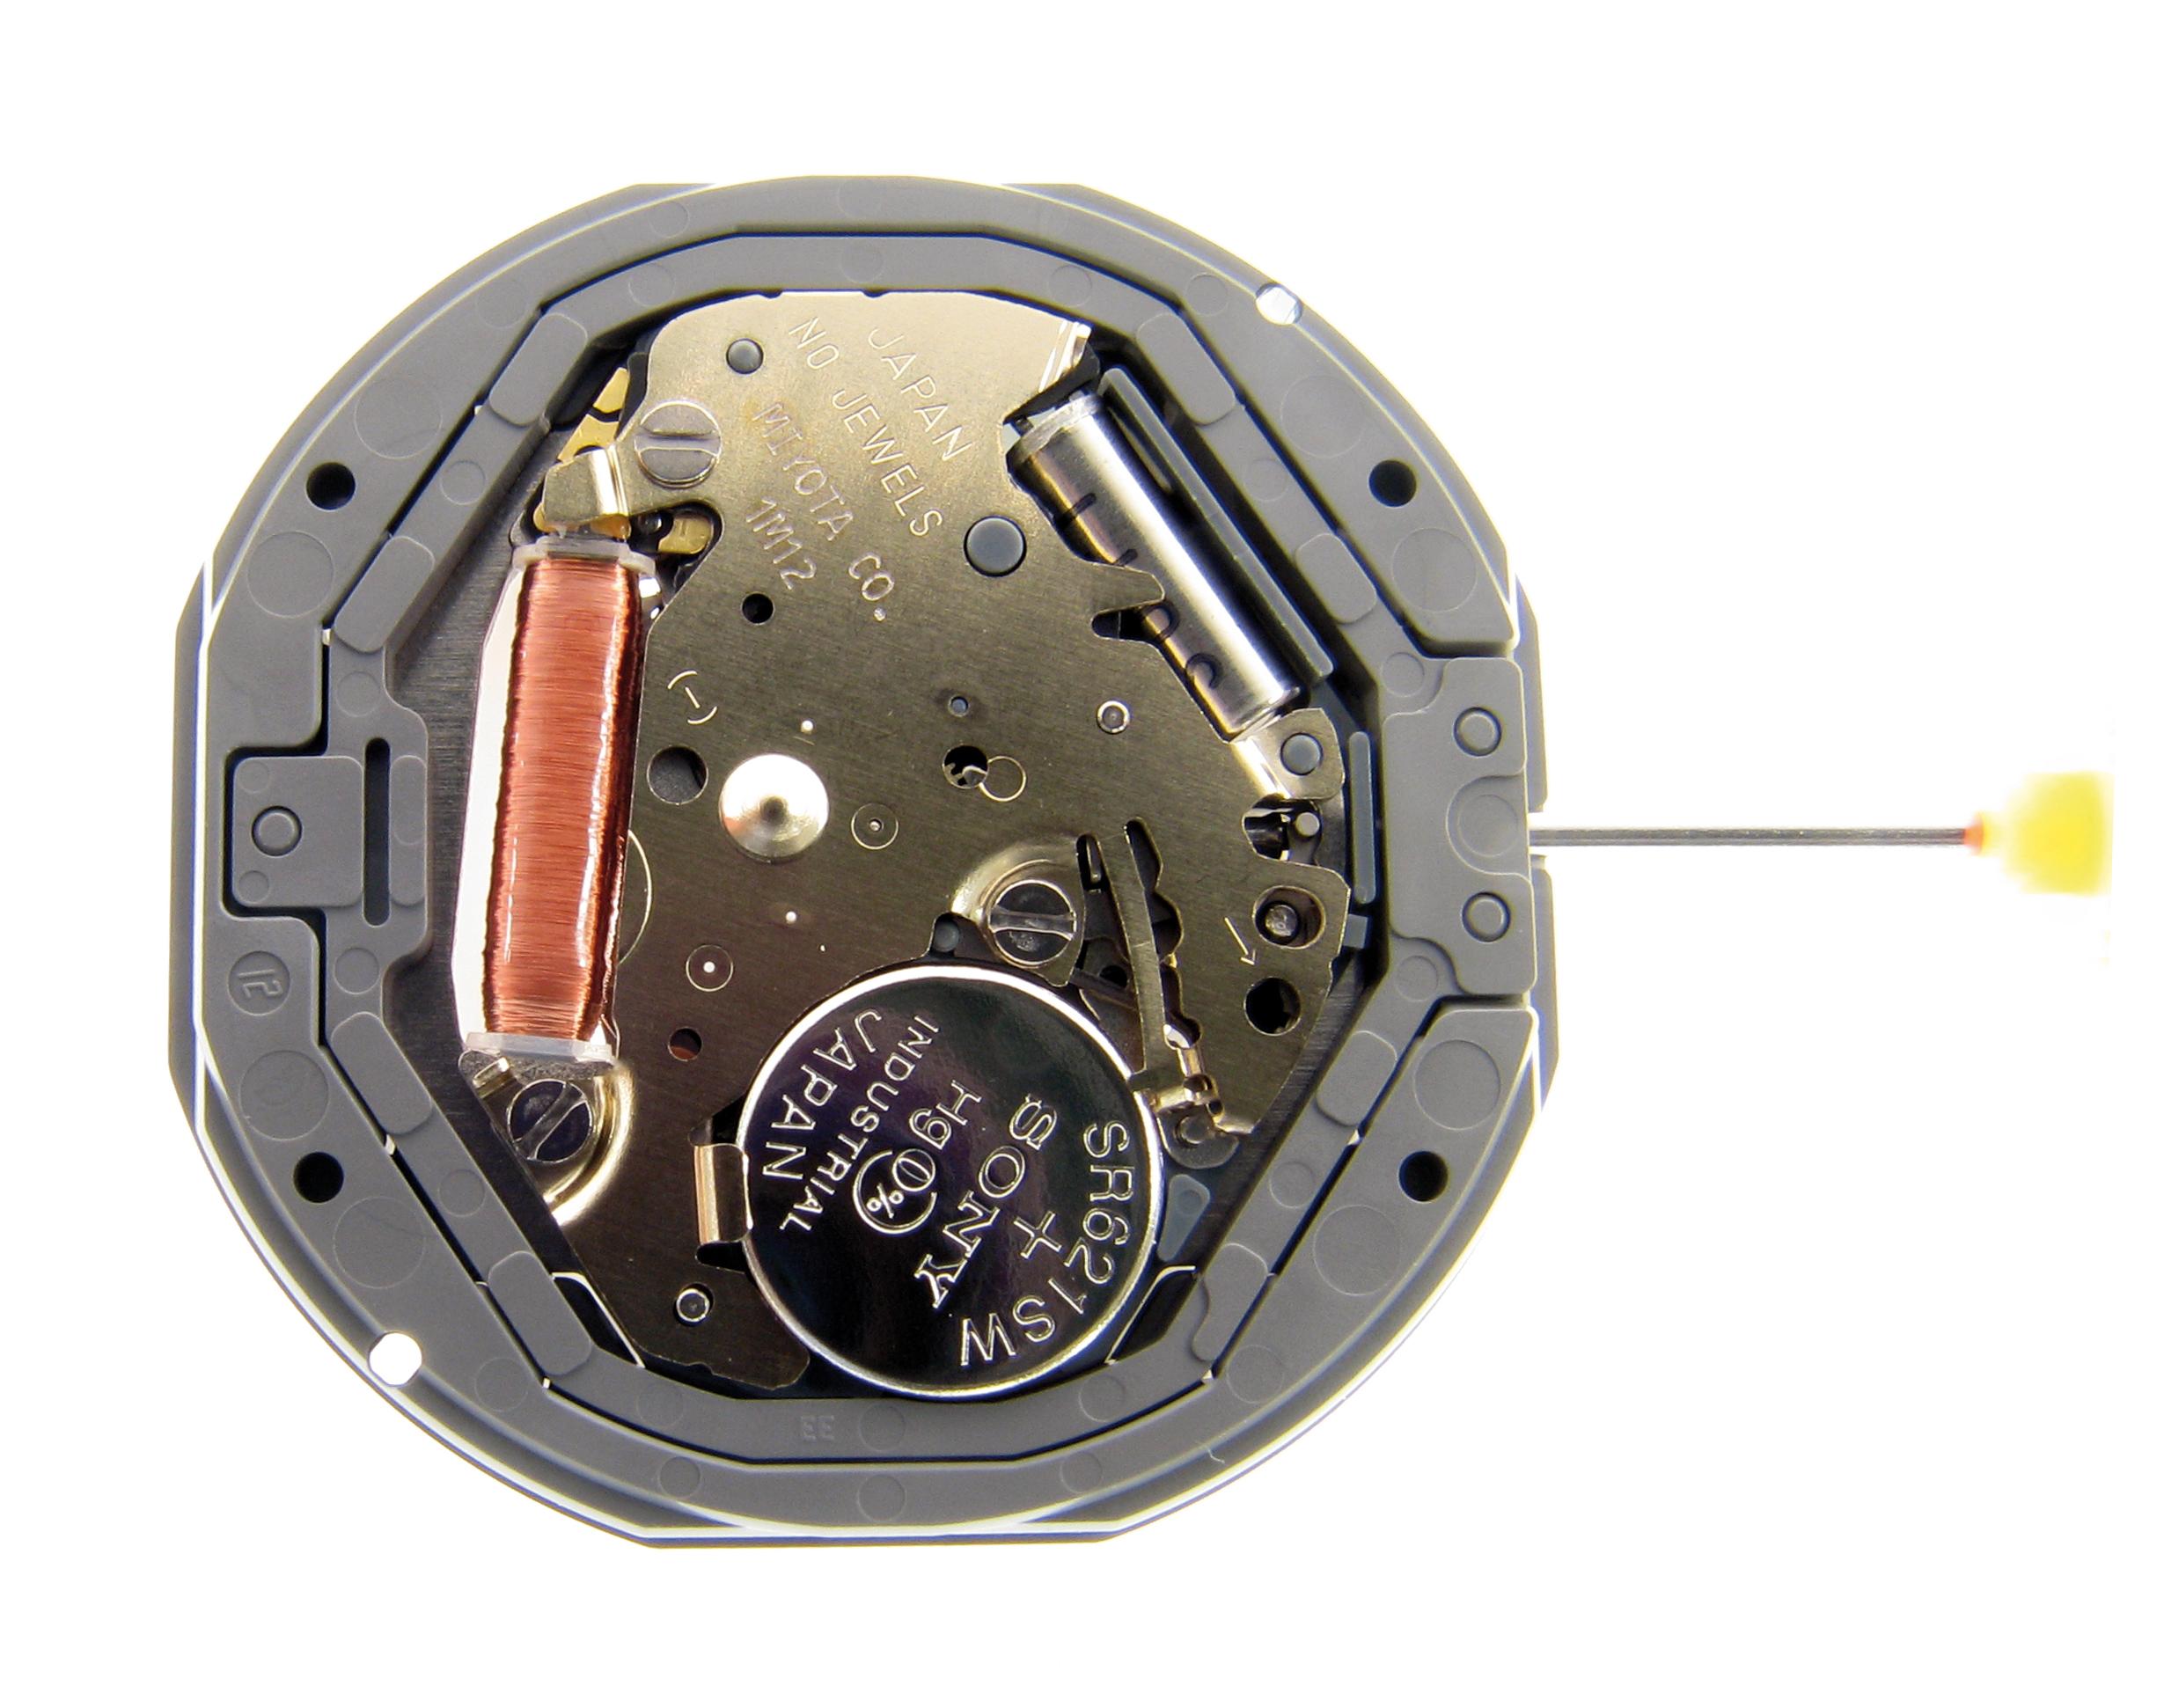 Kleinuhrwerk Quarz Miyota 1M12 SC, D6